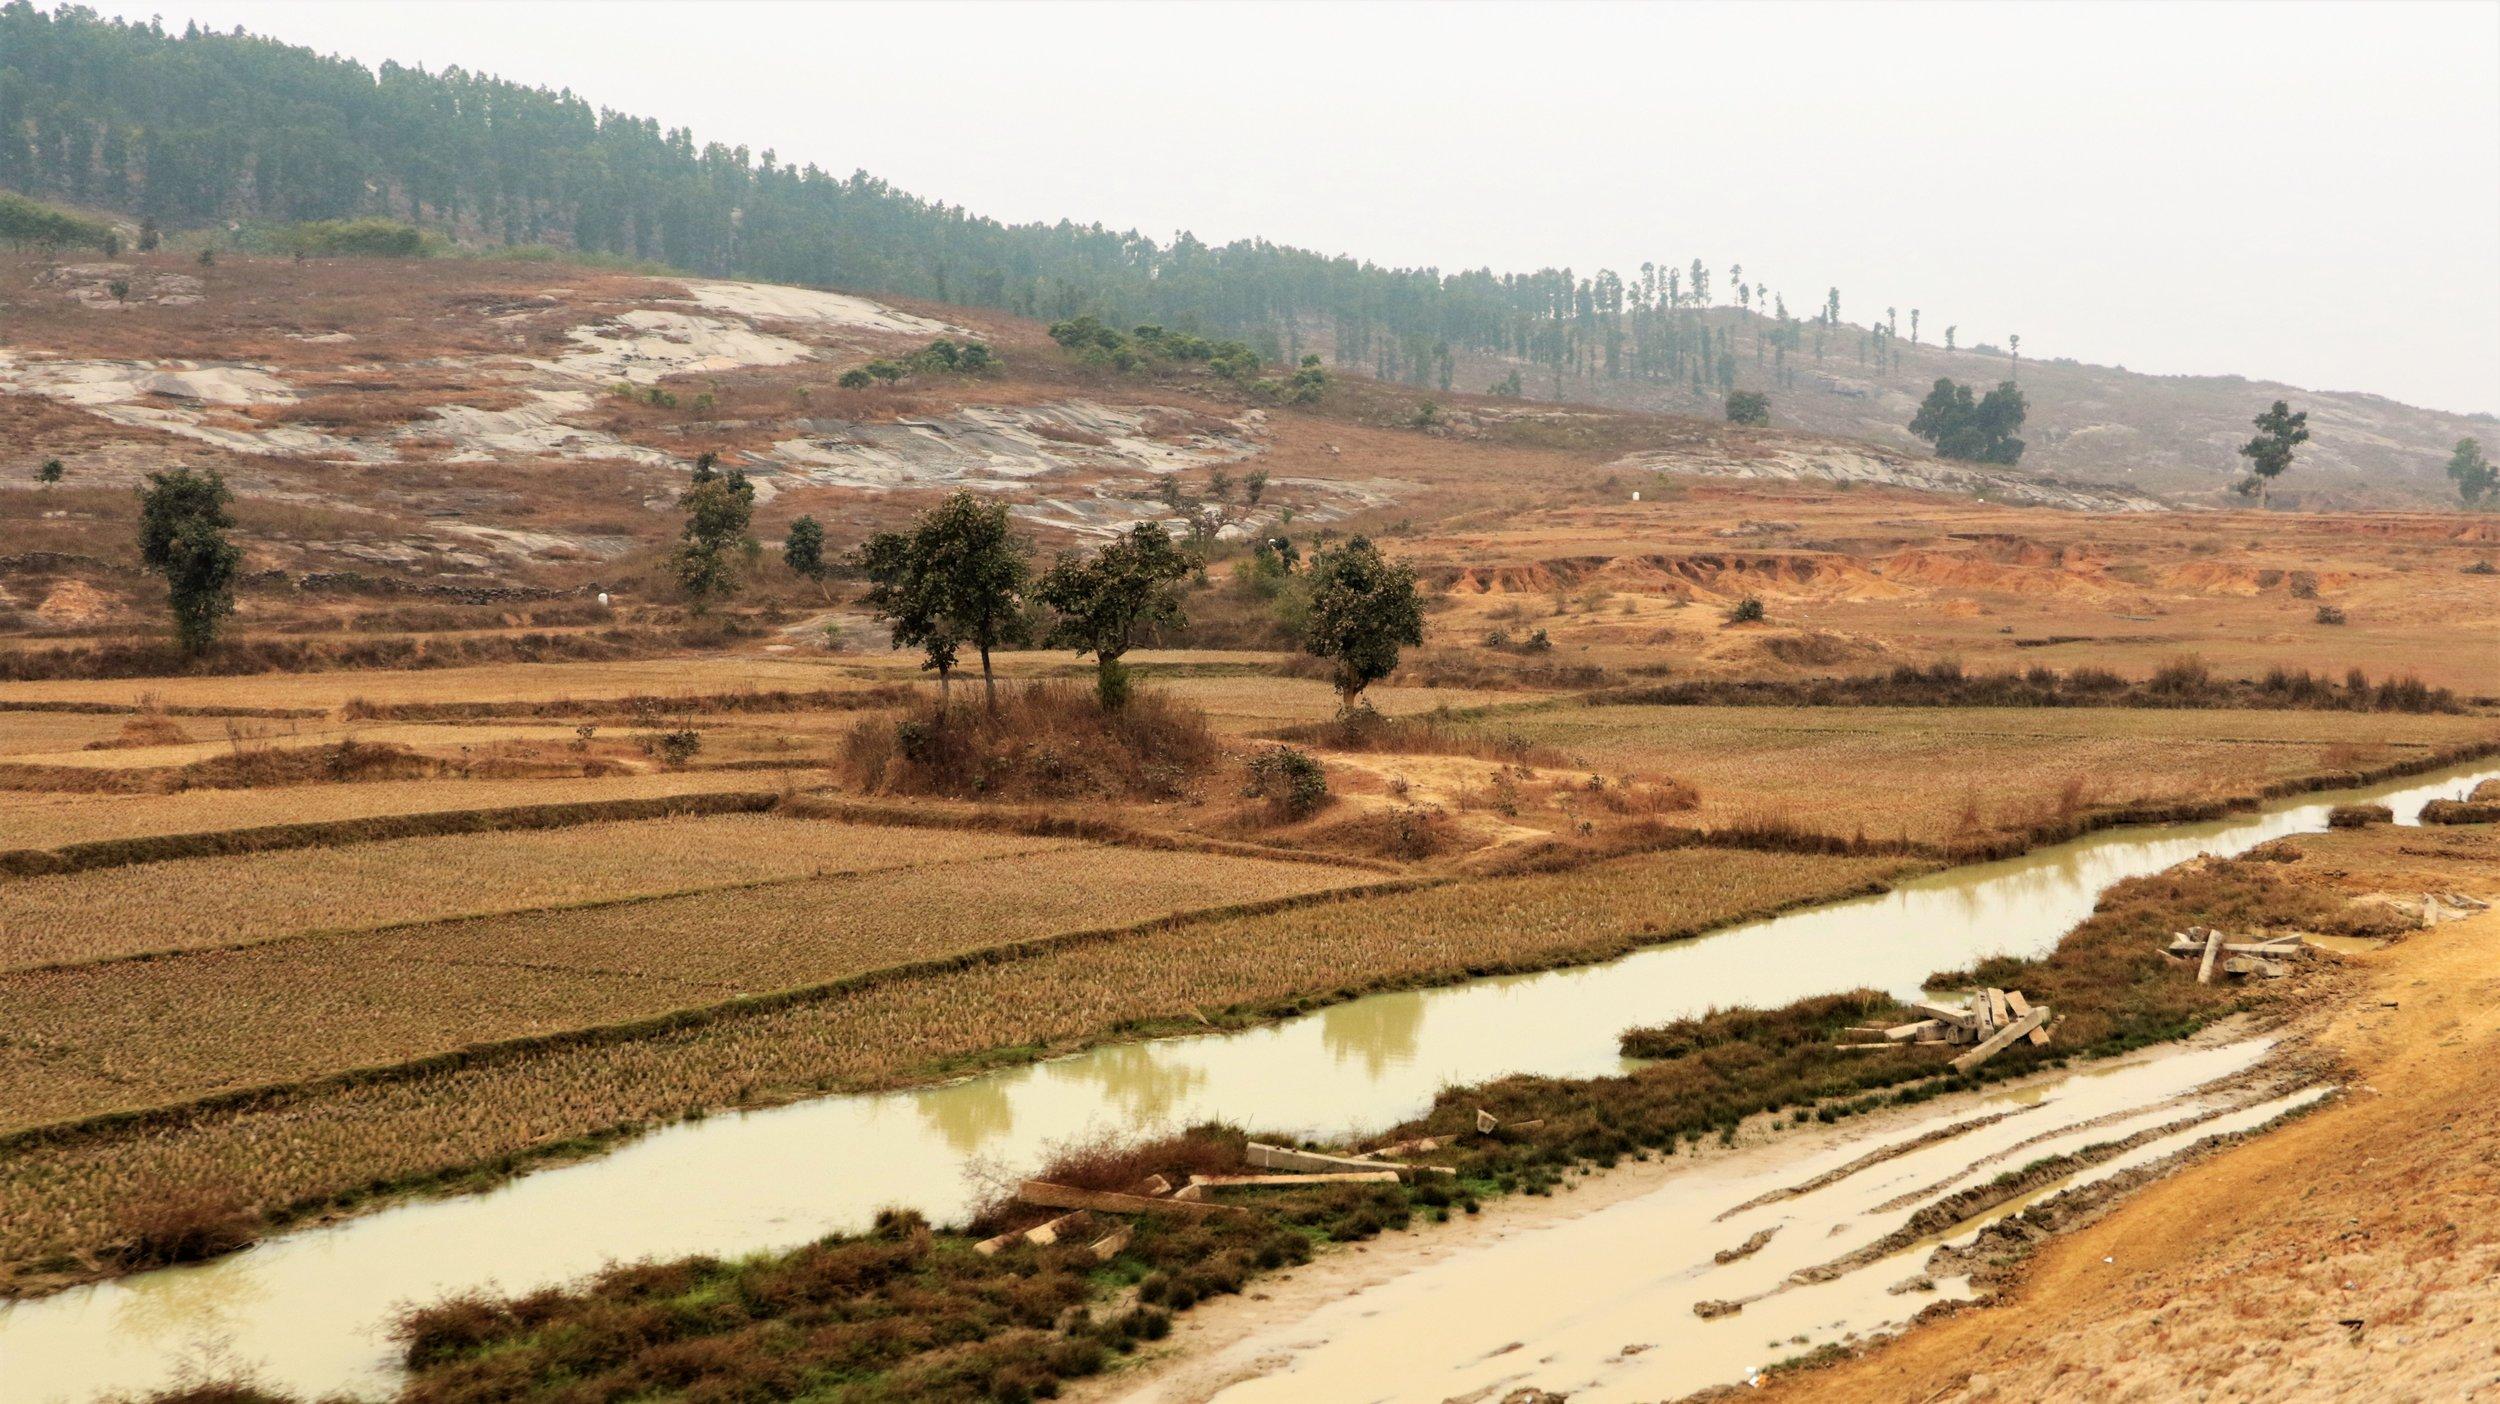 Landscape from train 2.jpg